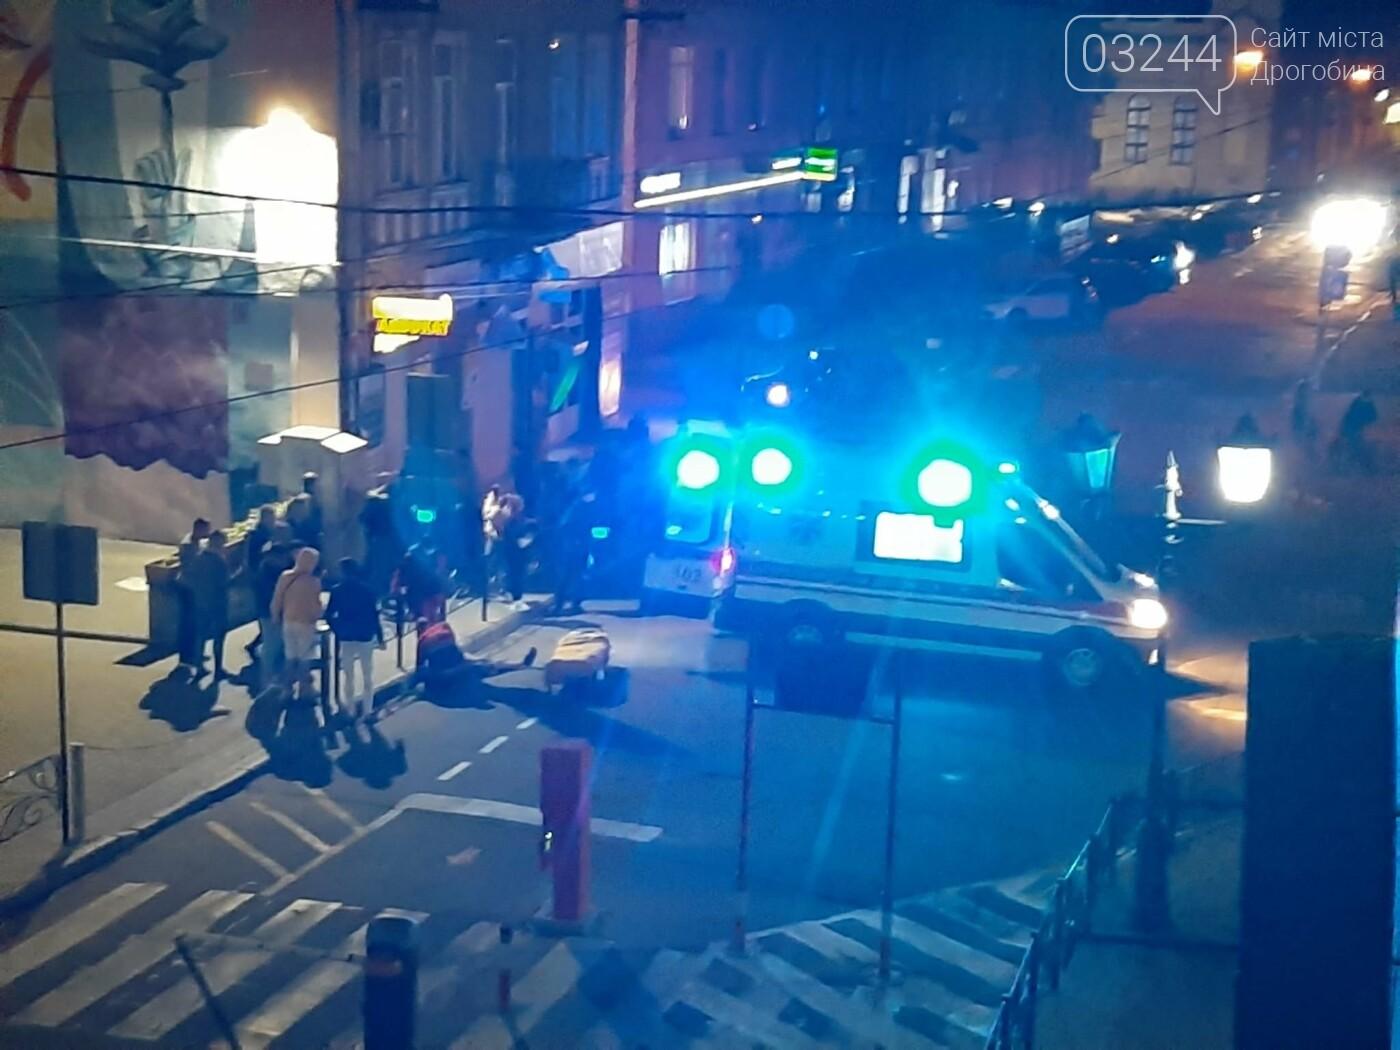 Не розминувся із шлагбаумом - вночі скутерист влетів у паркувальну систему на вулиці Мазепи, фото-3